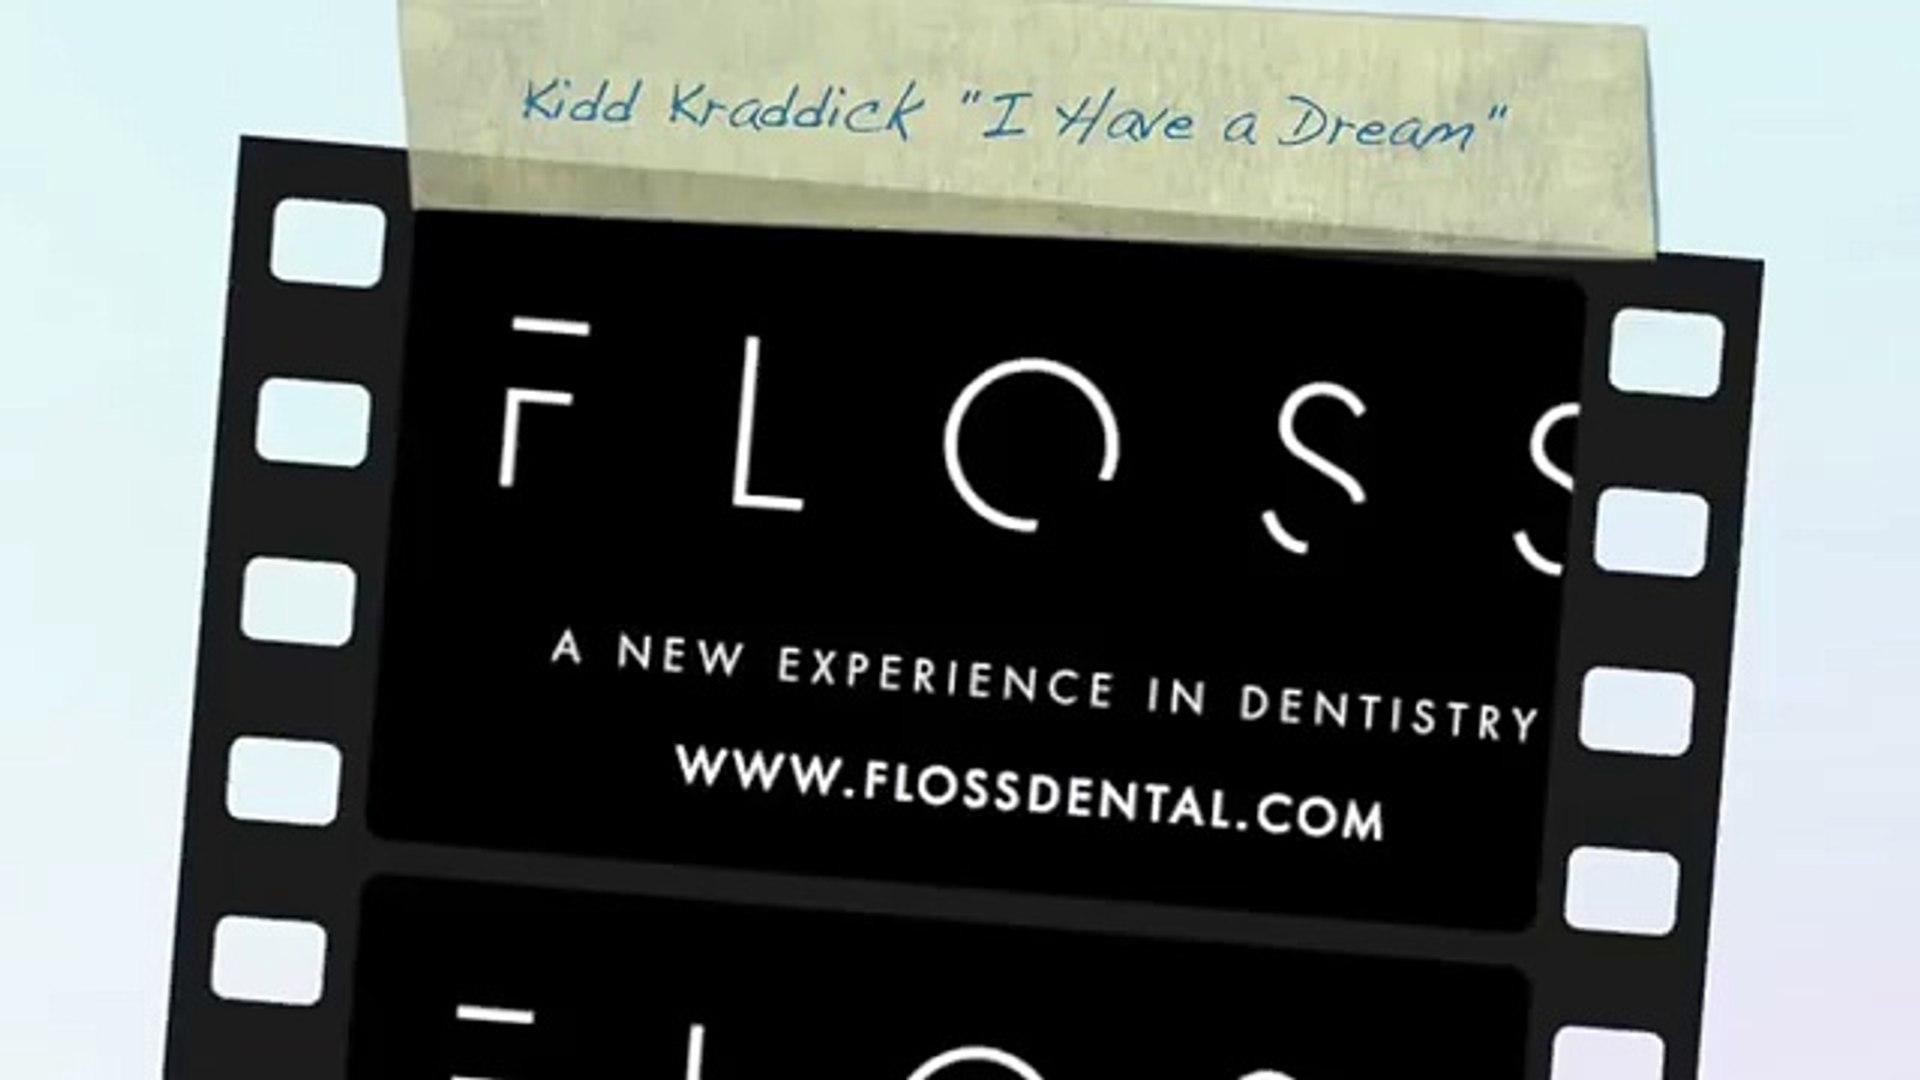 FLOSS Dental & Kidd Kraddick's